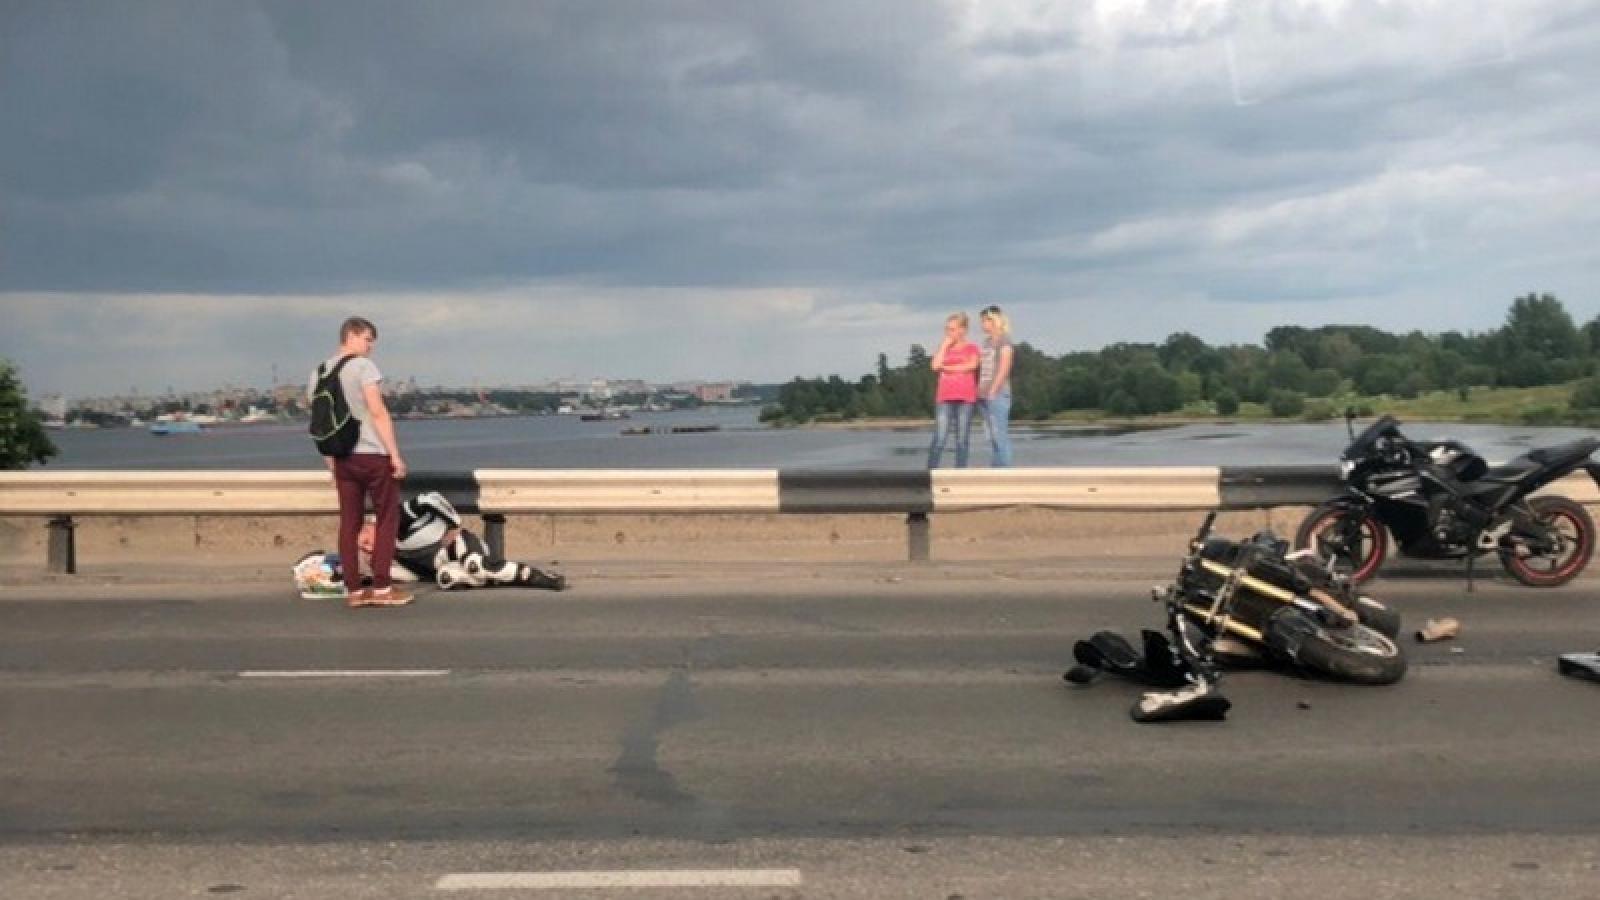 Мотоциклист попал  в серьезную аварию  на Октябрьском мосту